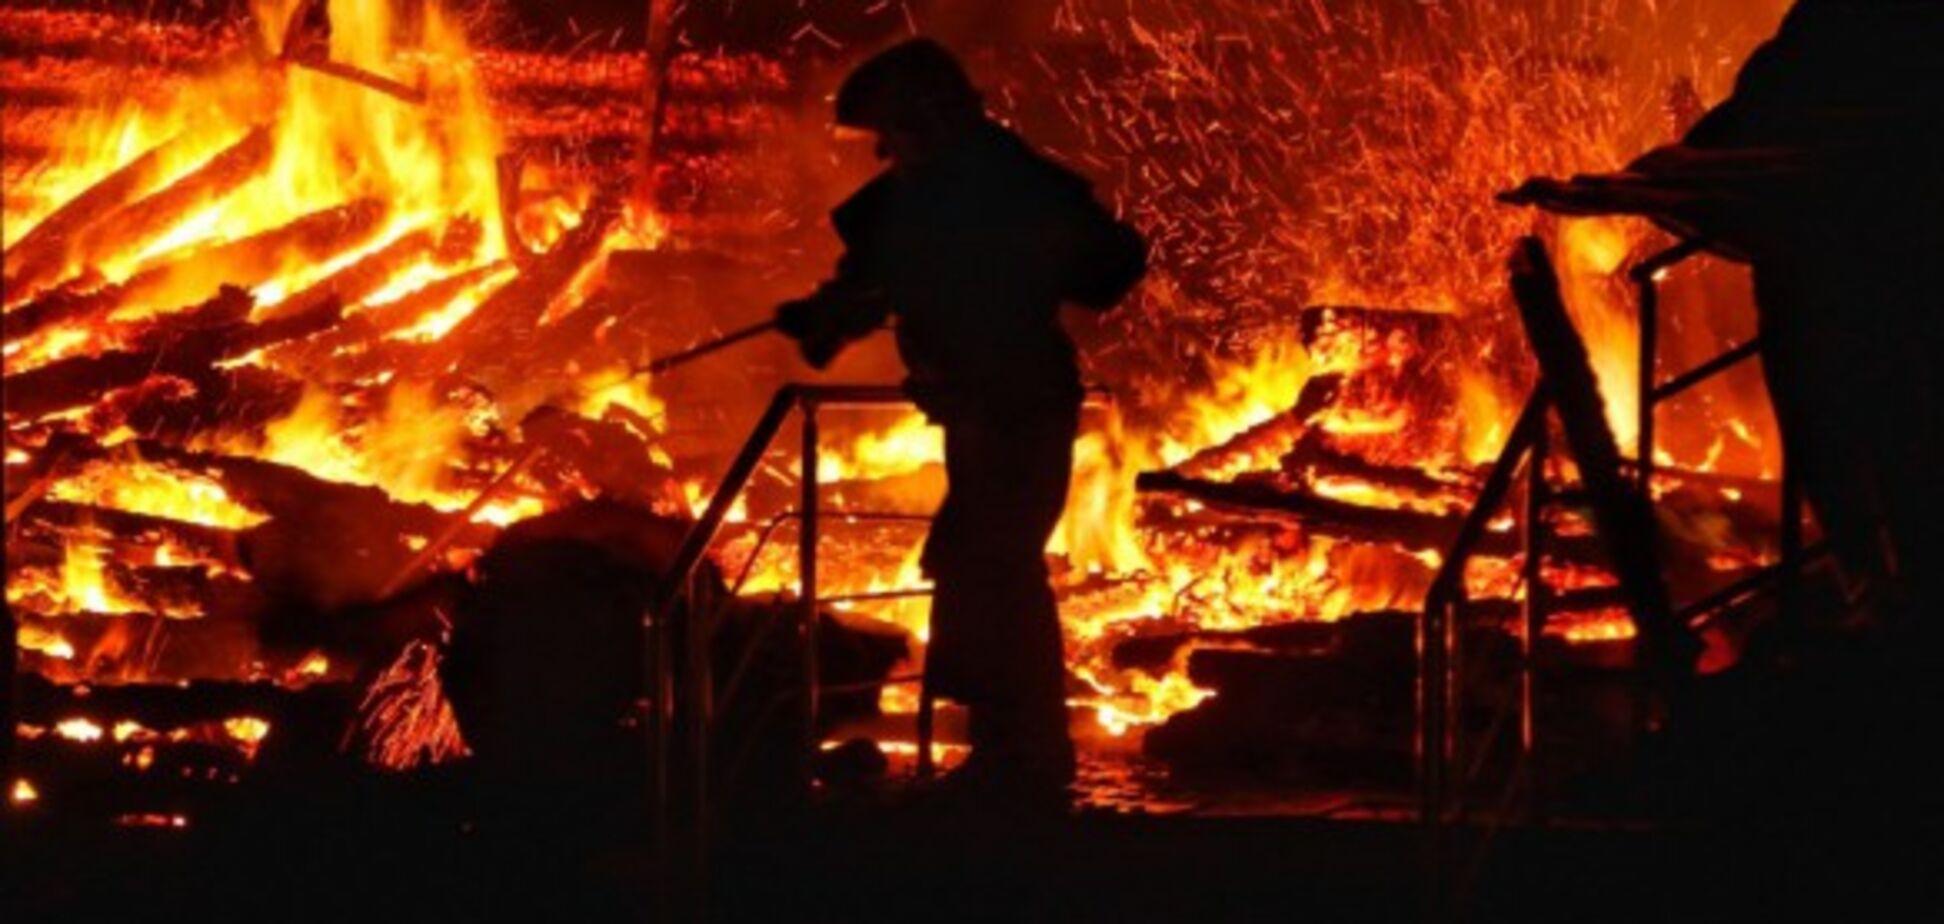 Трагедия в Одессе: ученый нашел связь между пожаром в лагере и судом по 'делу 2 мая'